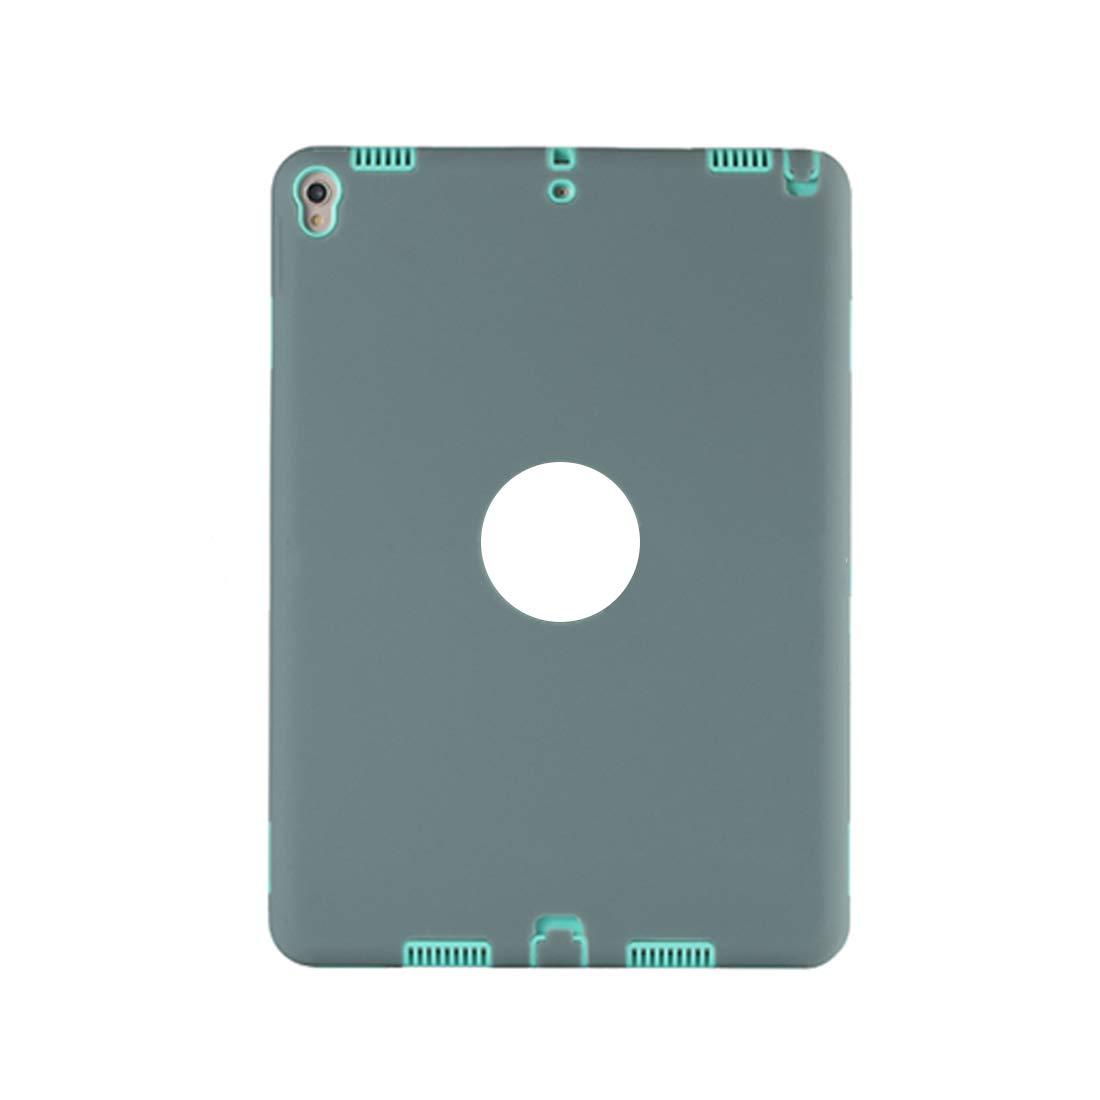 人気商品 MATCHANT iPad 234 ケース Ipad234 ケース スリム 耐衝撃 シリコン 保護ケース B07L5FX18K カバー 9.7- ネイビーブルー/グリーン/レッド Ipad234 グレー MATCHANT Ipad234 グレー B07L5FX18K, 大佐町:e7da38cb --- a0267596.xsph.ru